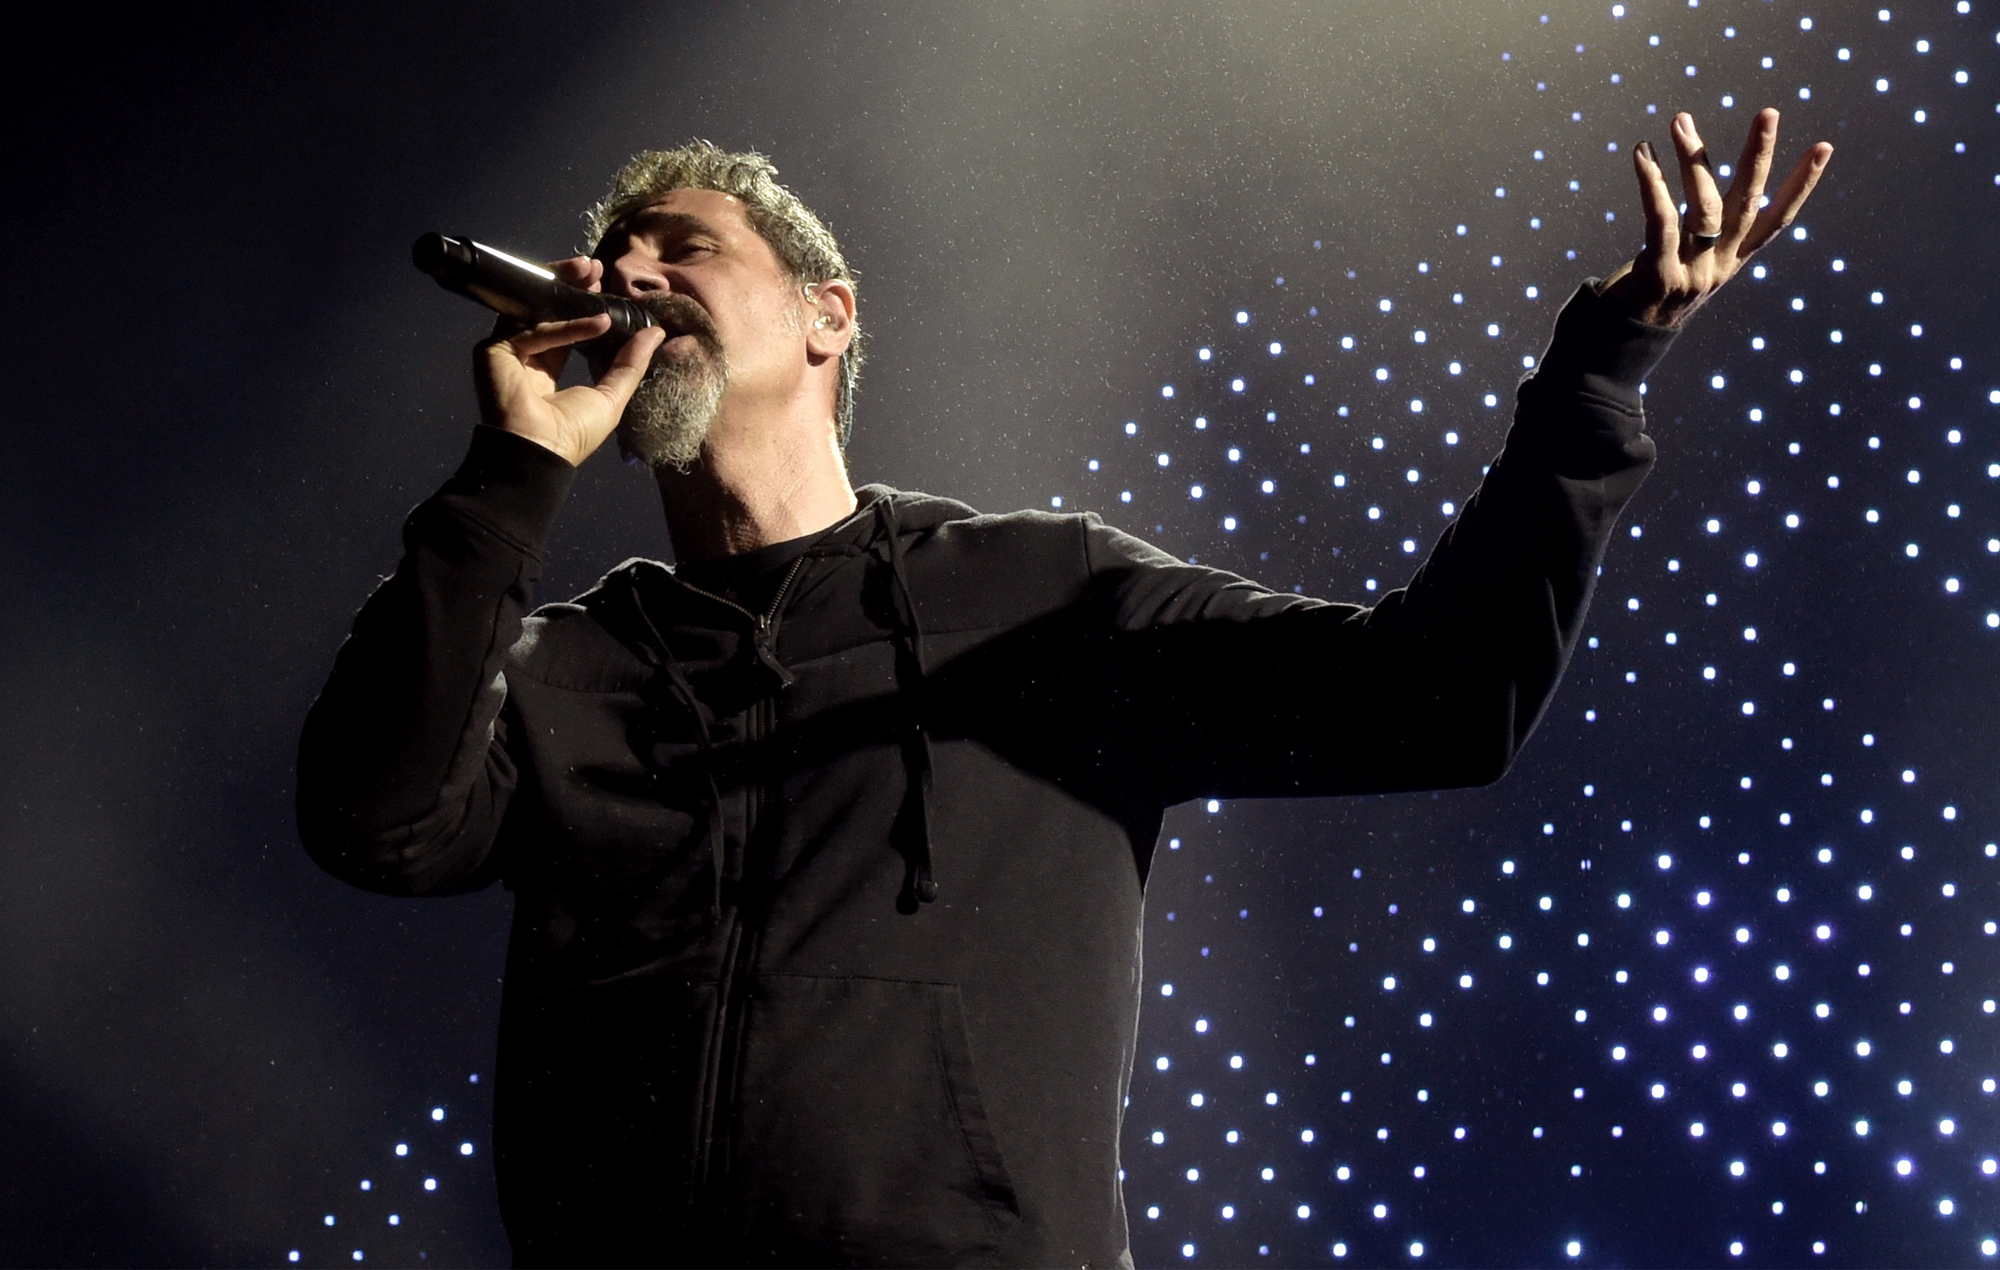 System of a Down Serj Tankian Europe tour 2020 new album